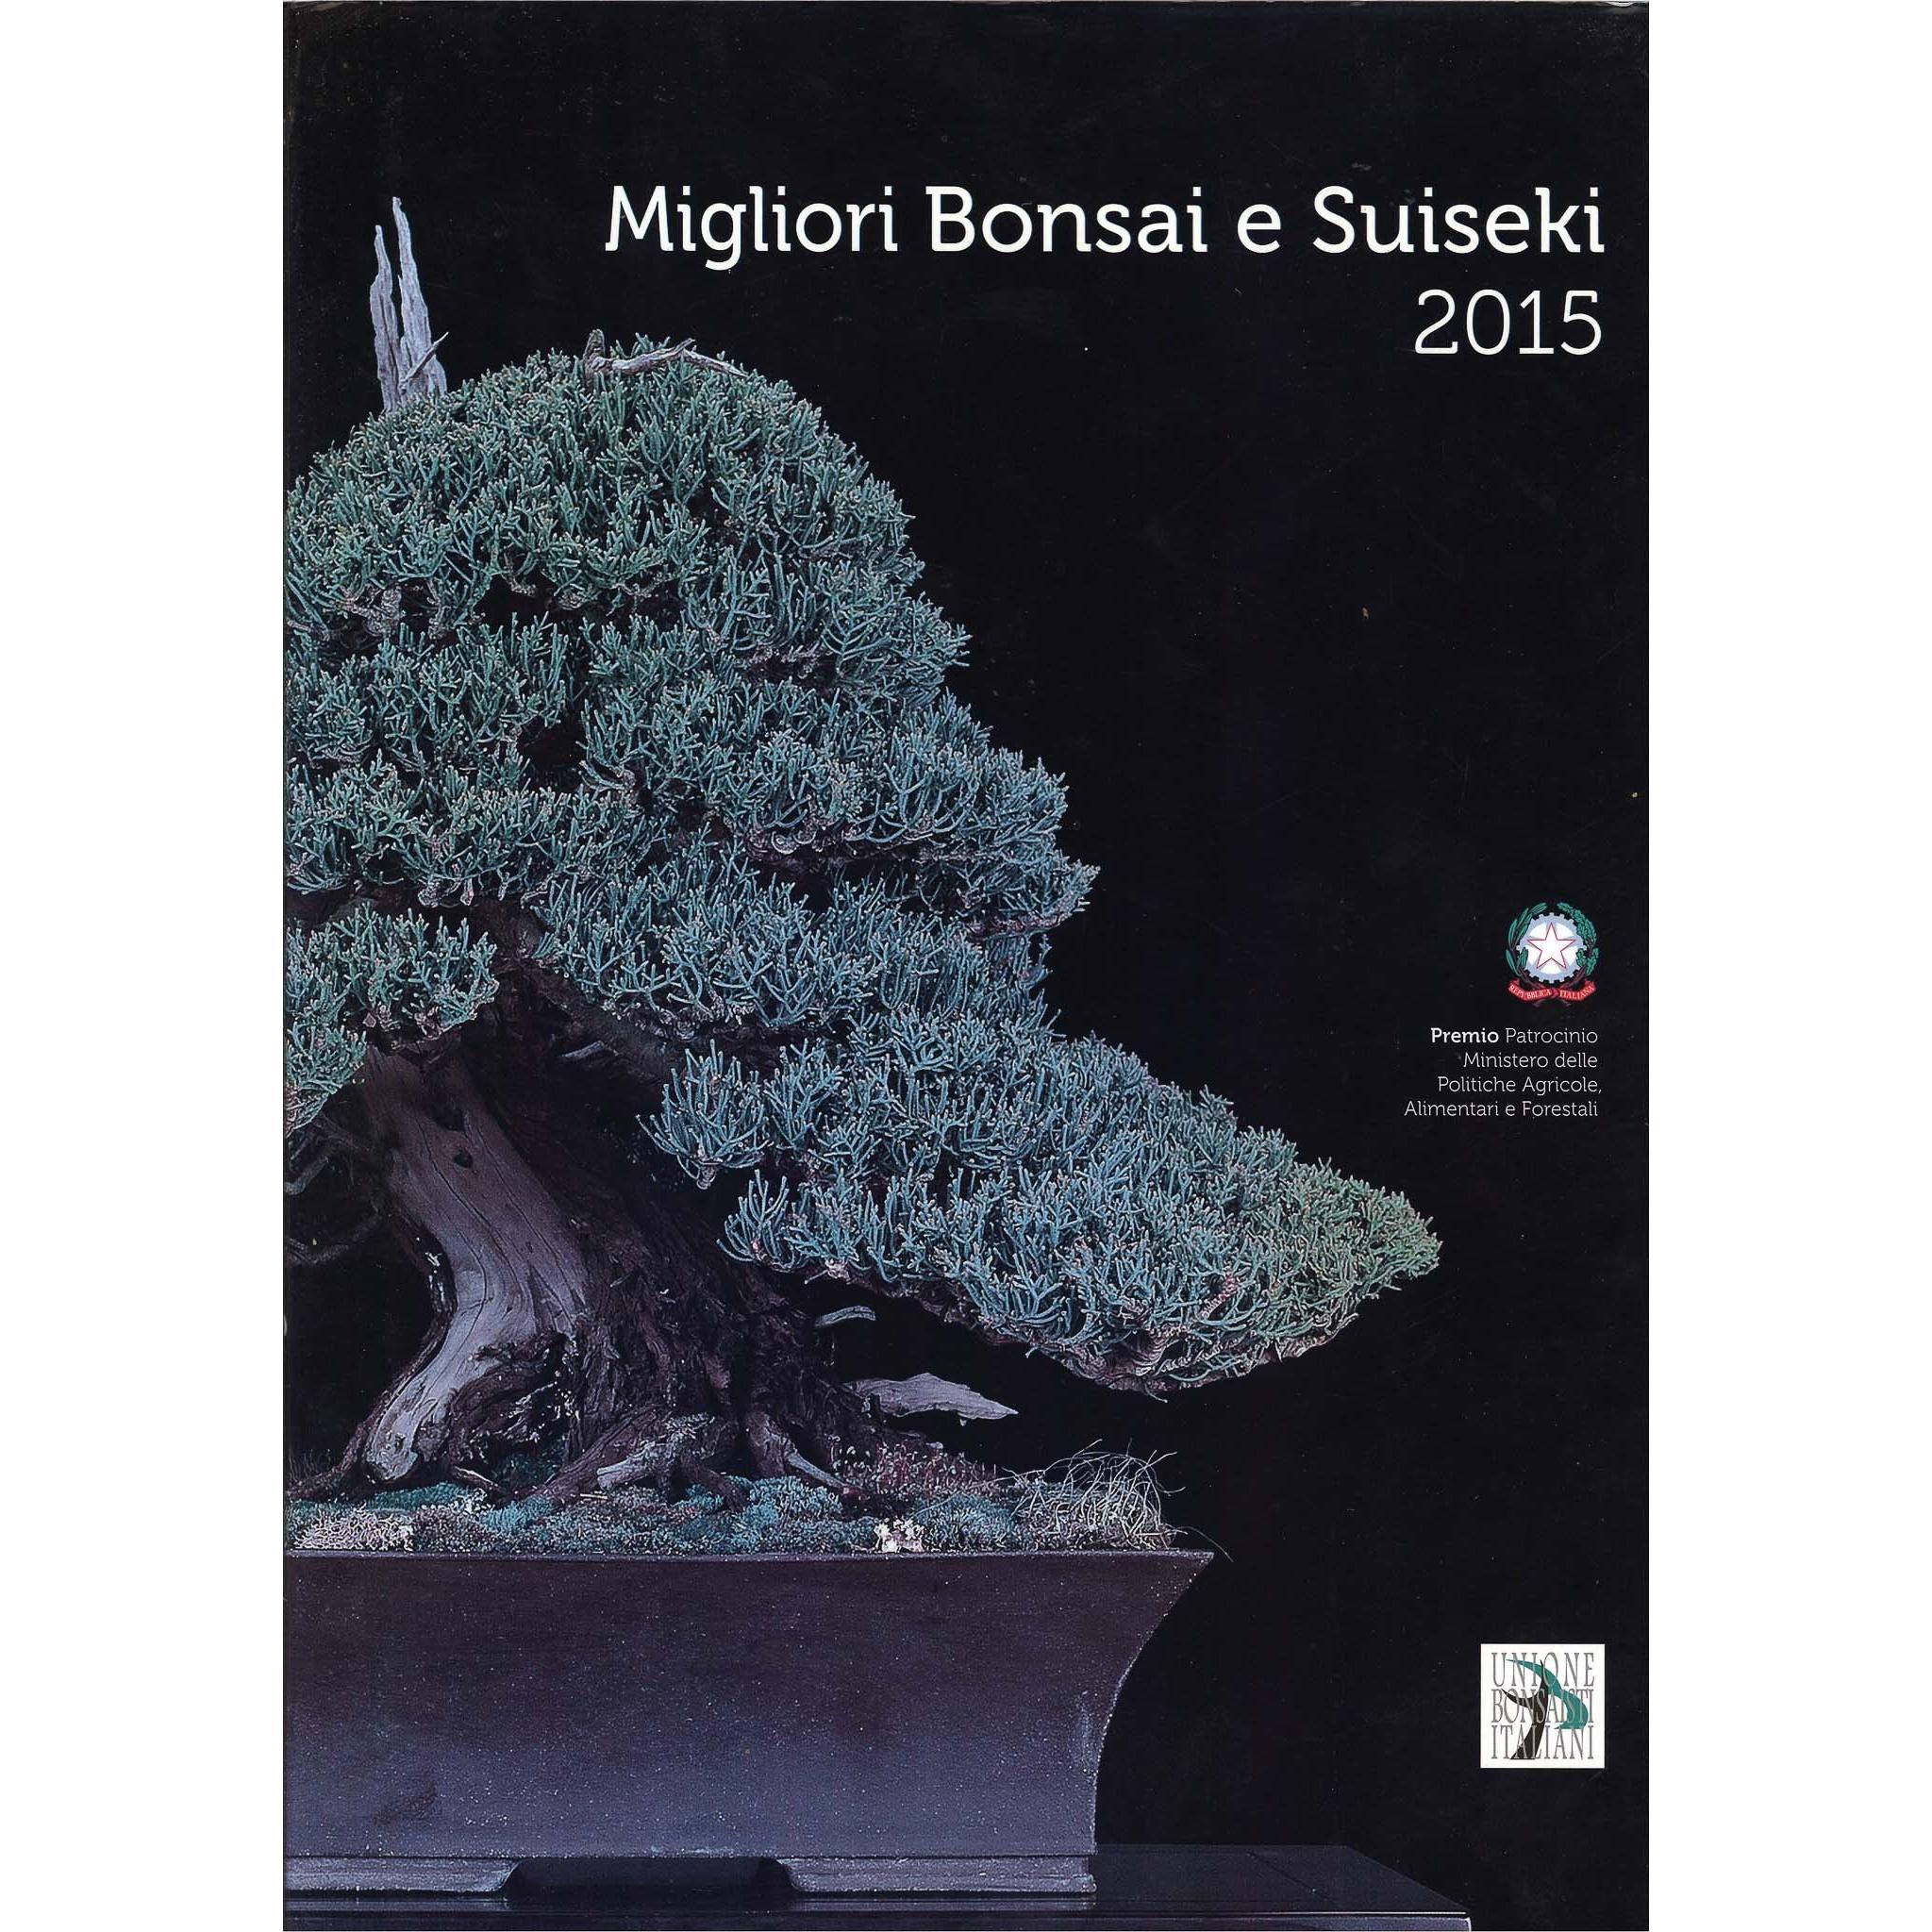 Migliori Bonsai e Suiseki 2015